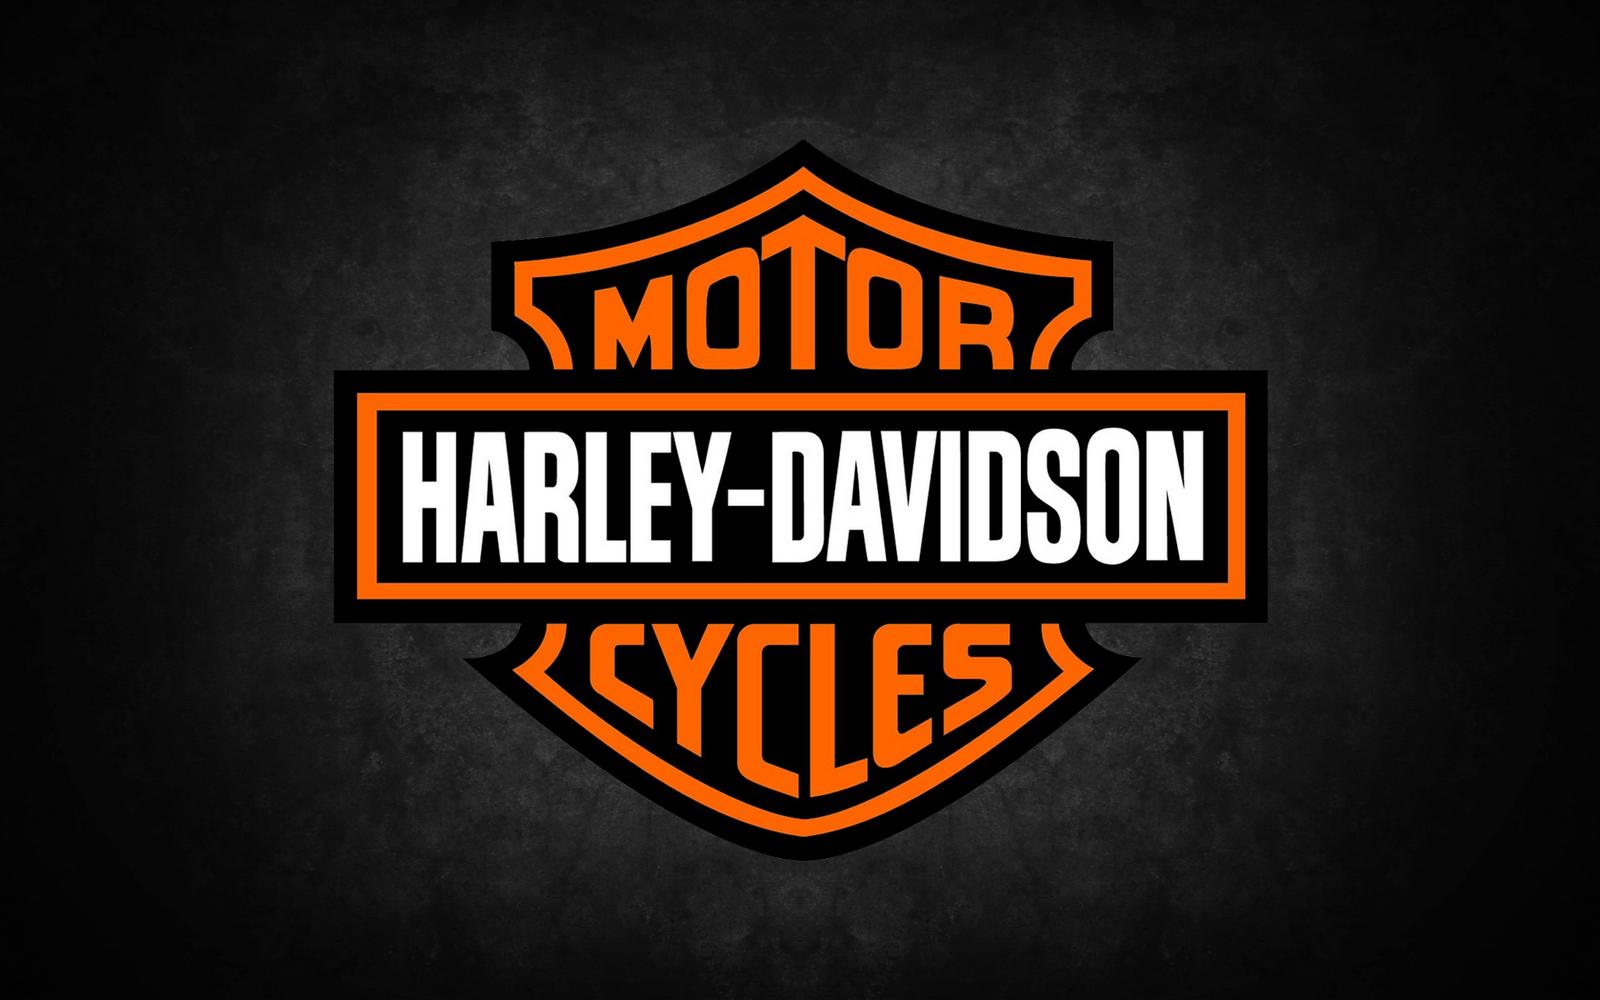 תמונה קשורה Harley Davidson Wallpaper Harley Davidson Motorcycles Harley Davidson Bikes